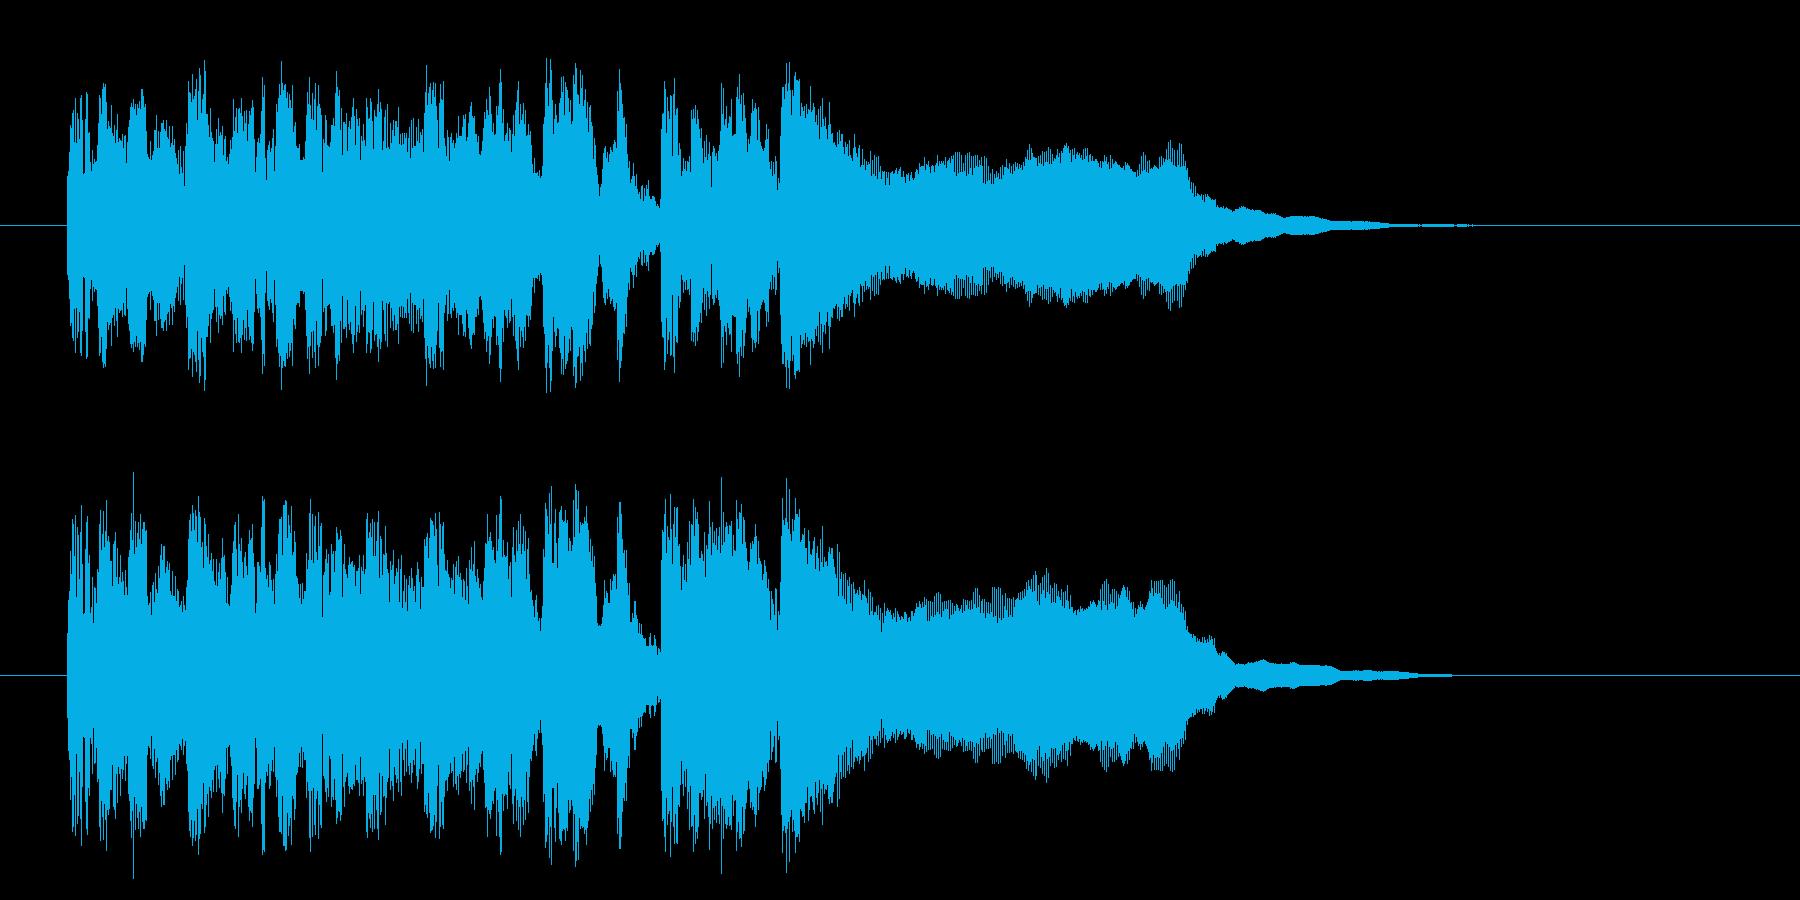 疾走感溢れるポップなシンセジングルの再生済みの波形